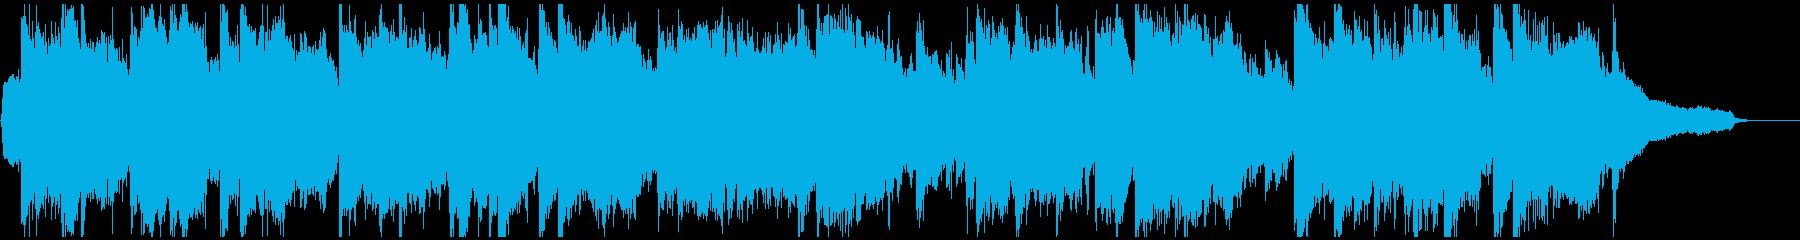 壮大で大河ドラマ的な和風曲 ※60秒版の再生済みの波形